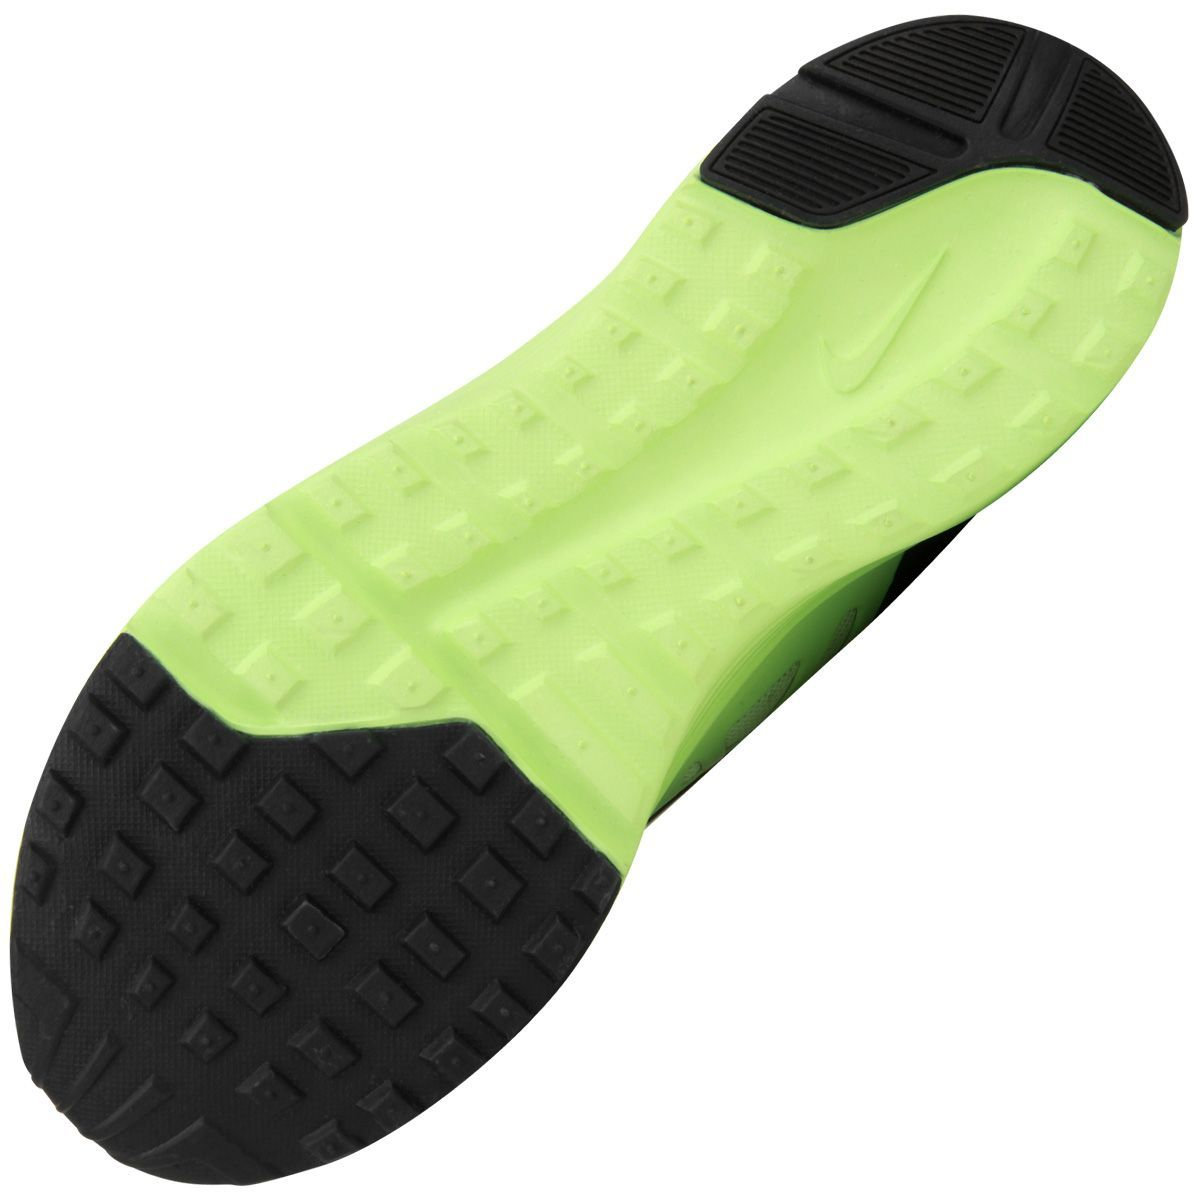 competitive price e1a31 7ca2f Zapatillas Nike Emerge Sl W - Netshoes